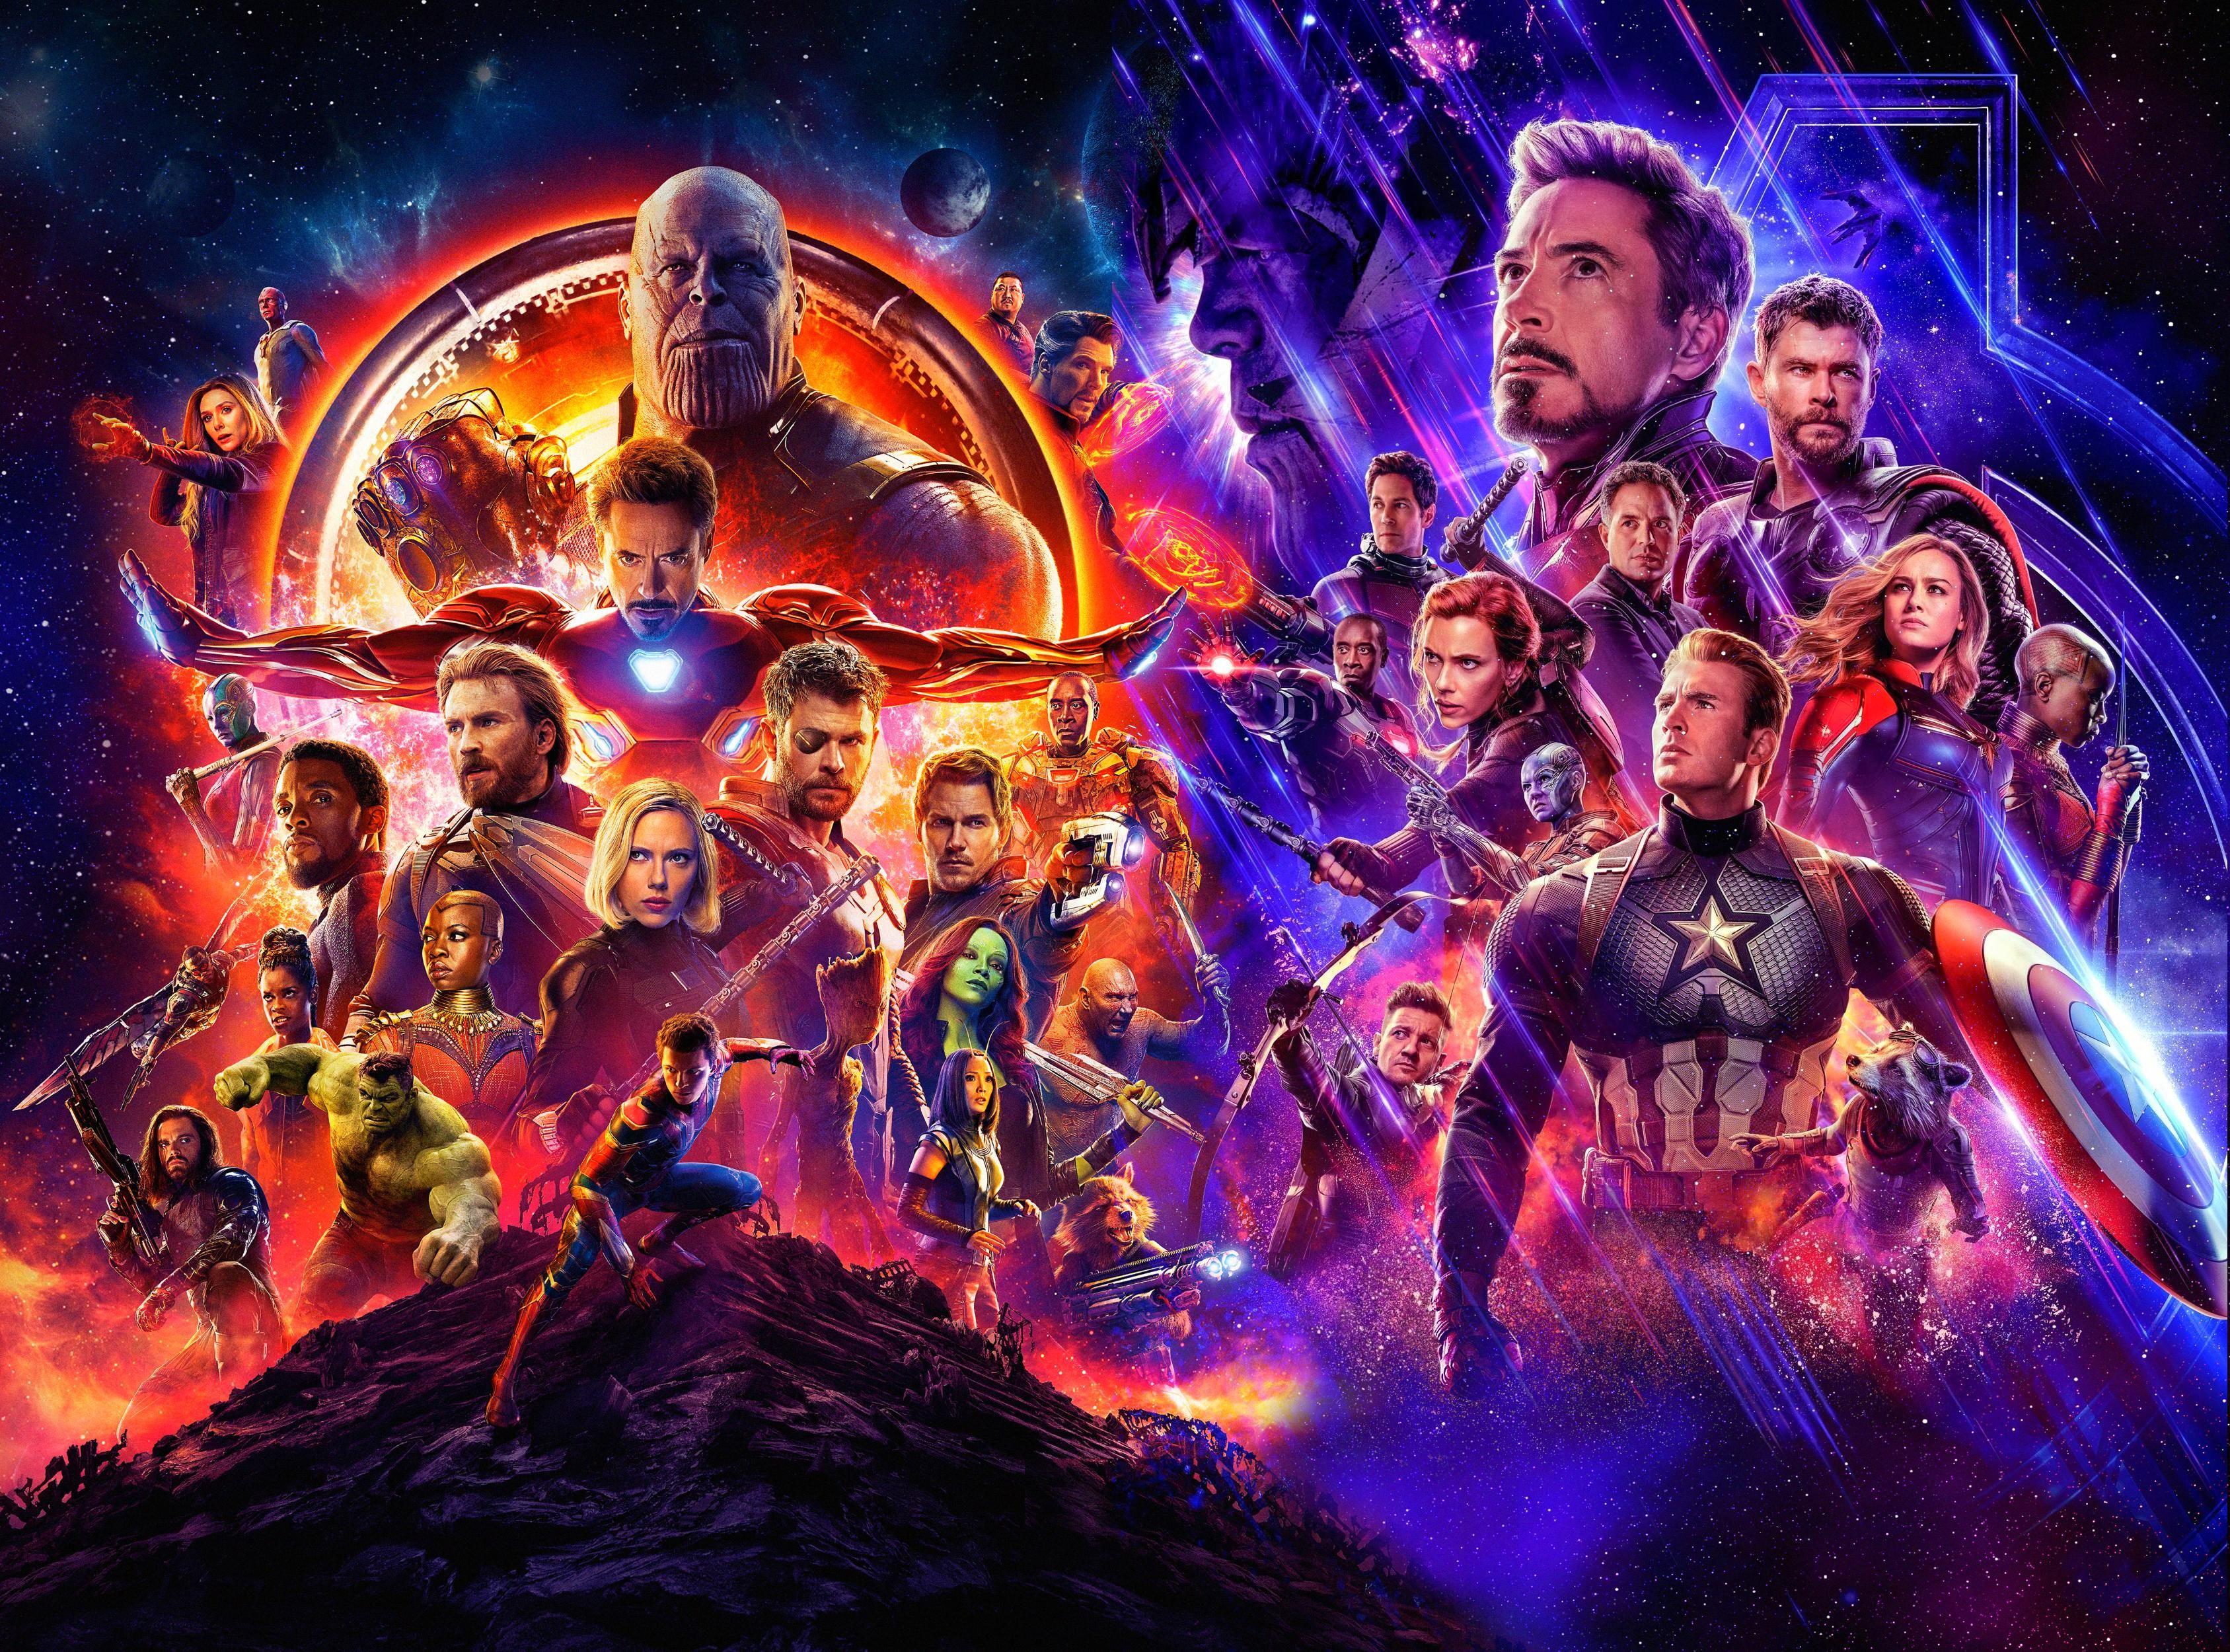 Avengers Infinity War Endgame Fond D écran Hd Arrière